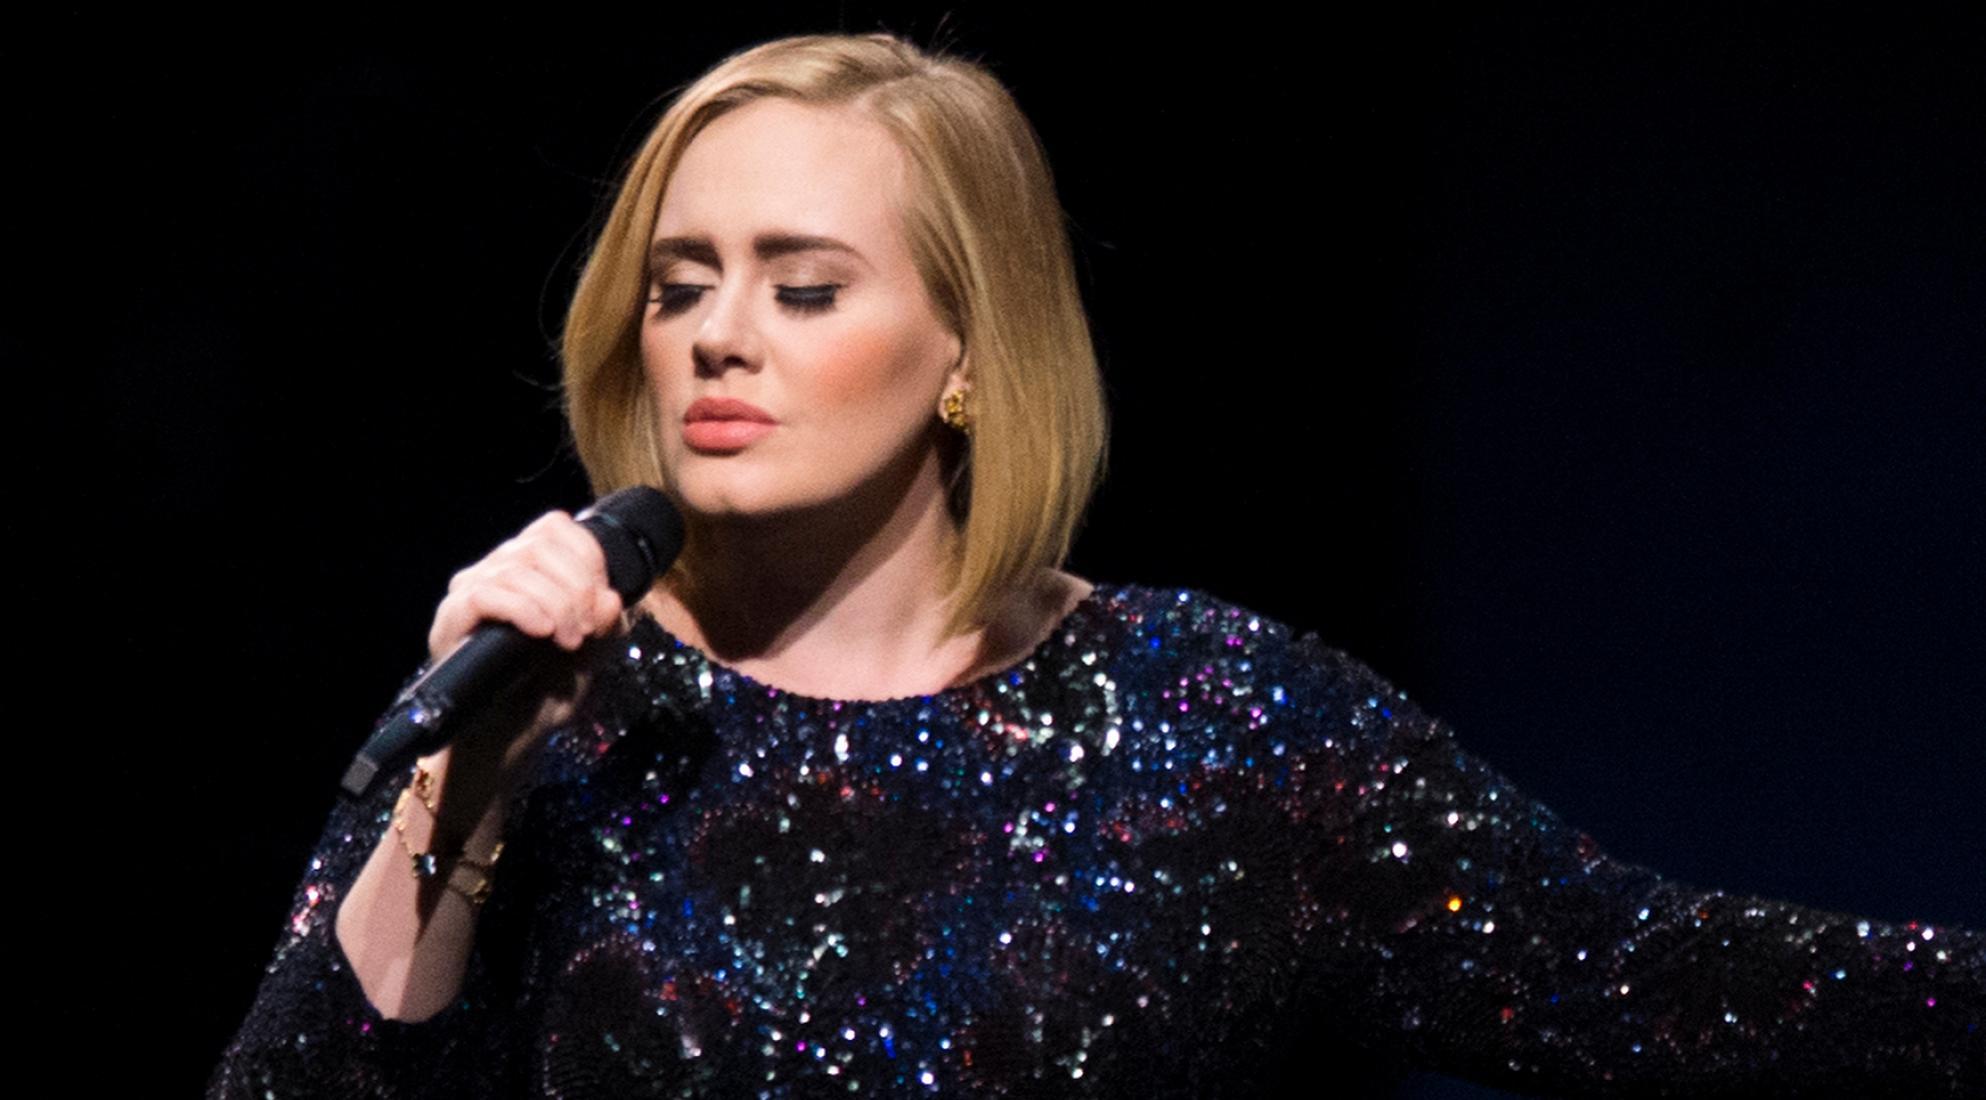 Taylor Swift - Katy Perry - Adele sẽ cùng xuất hiện trên một siêu sân khấu? 2